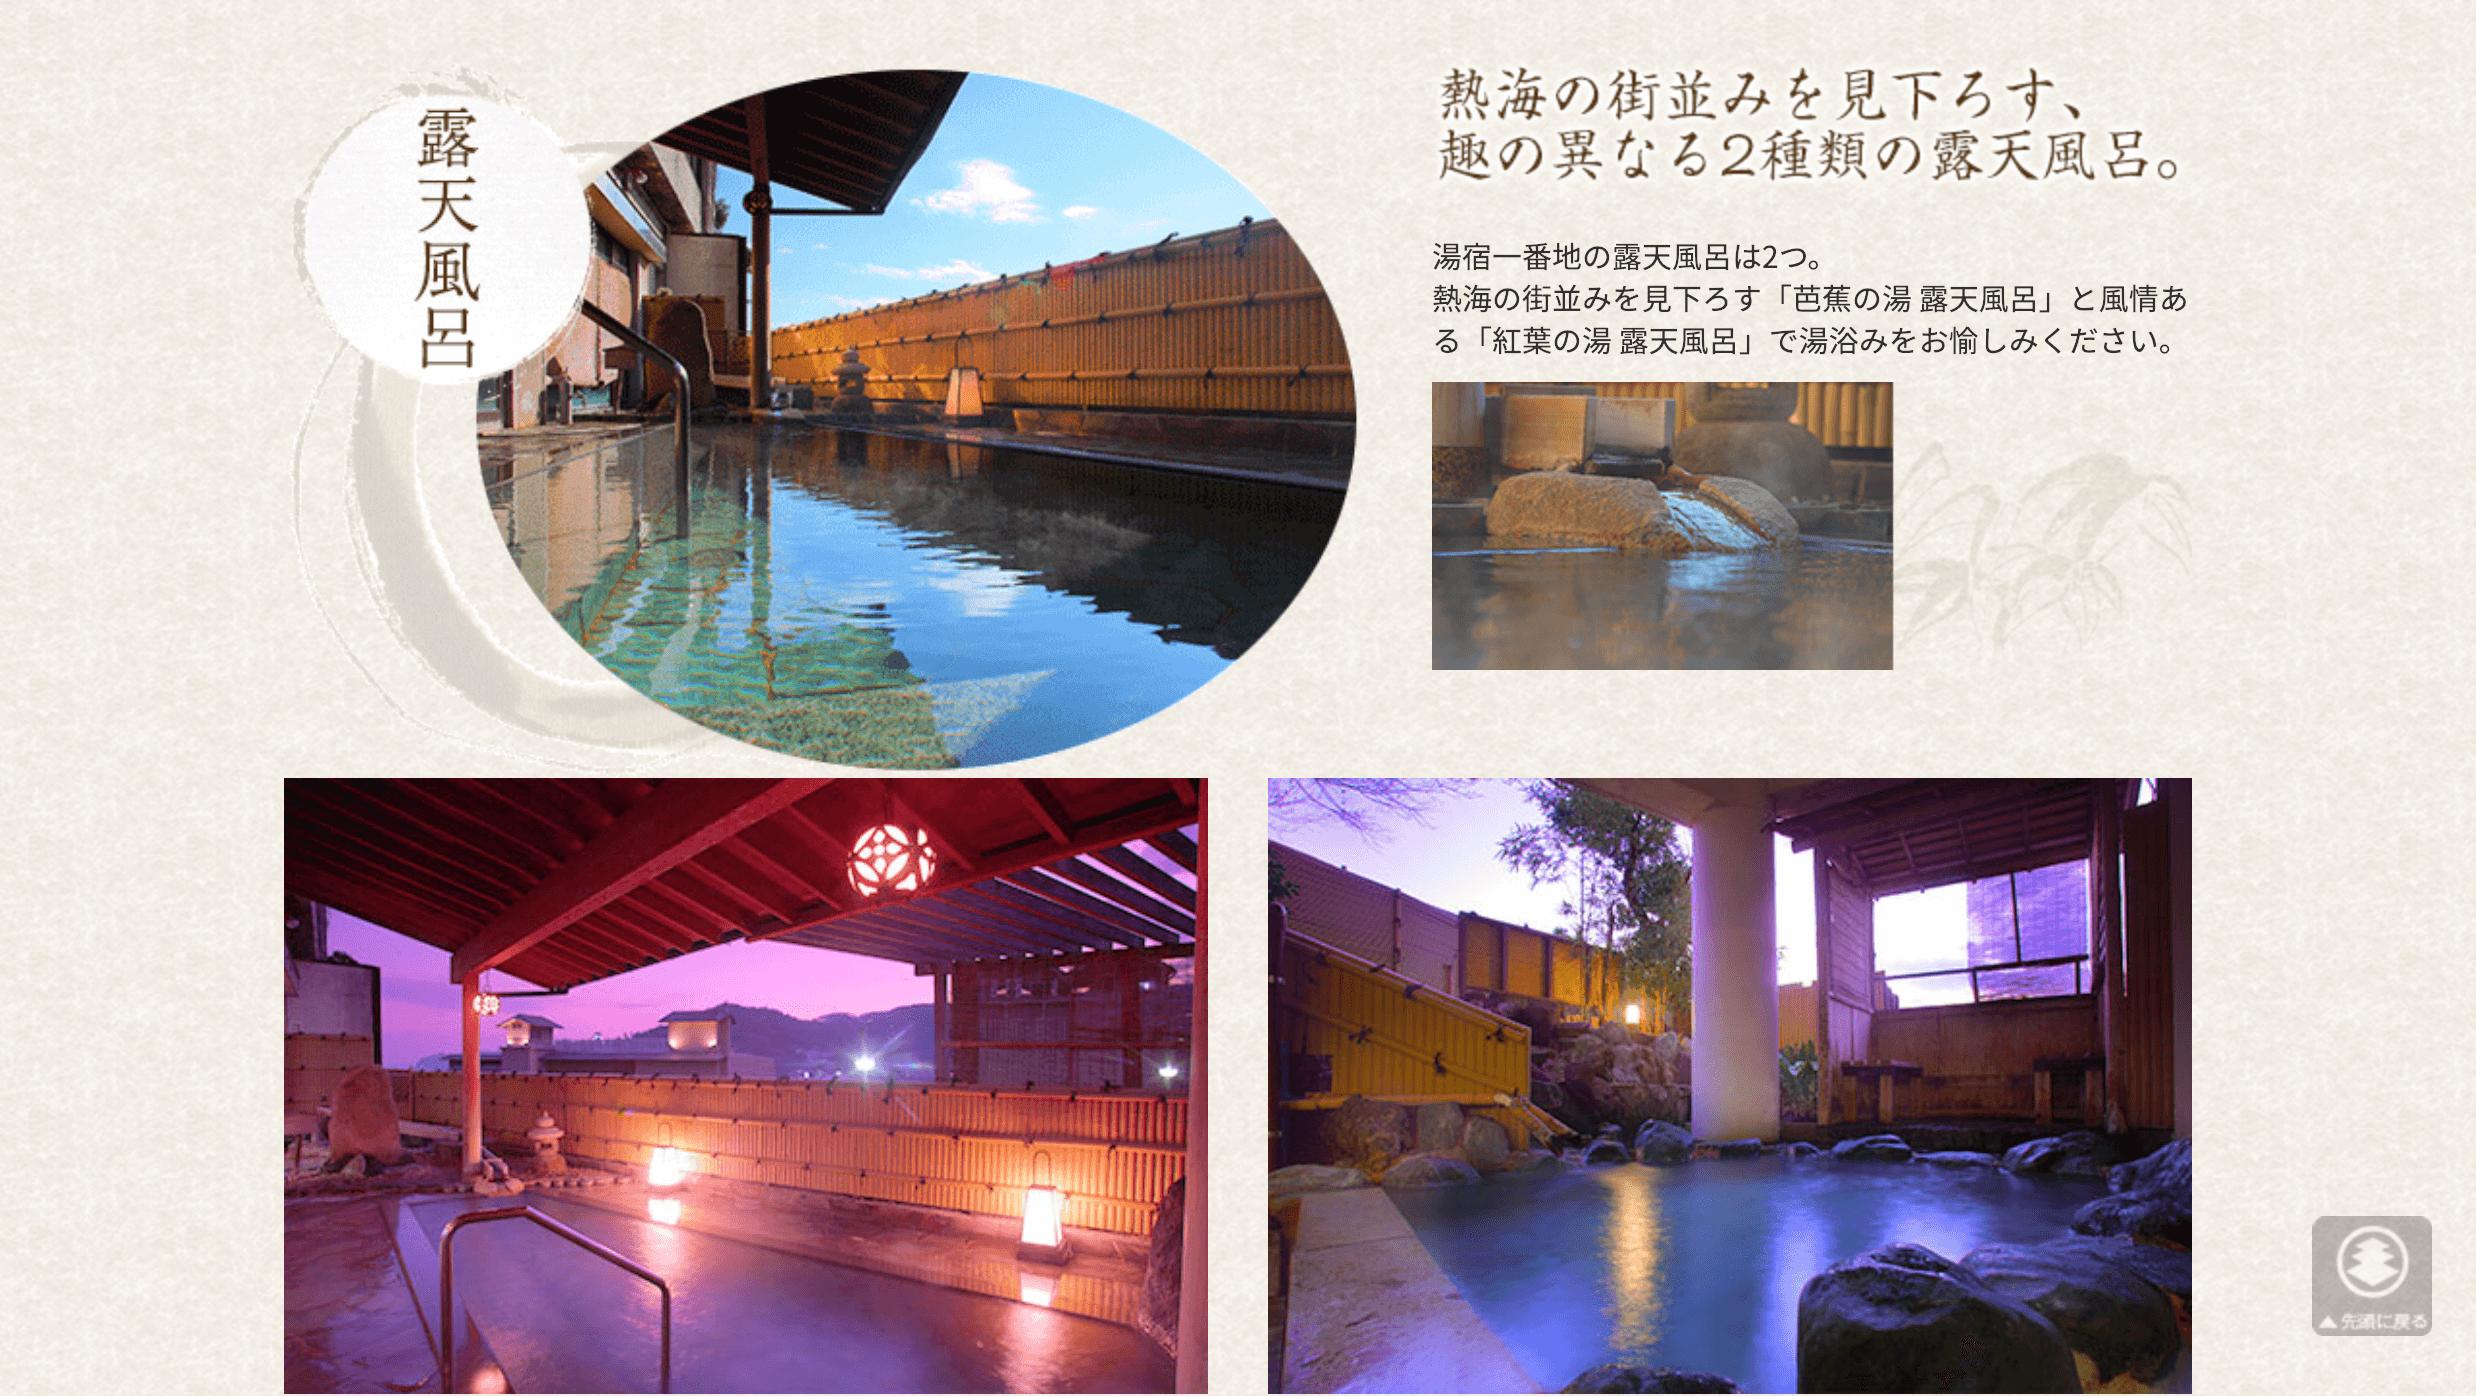 湯宿一番地の温泉